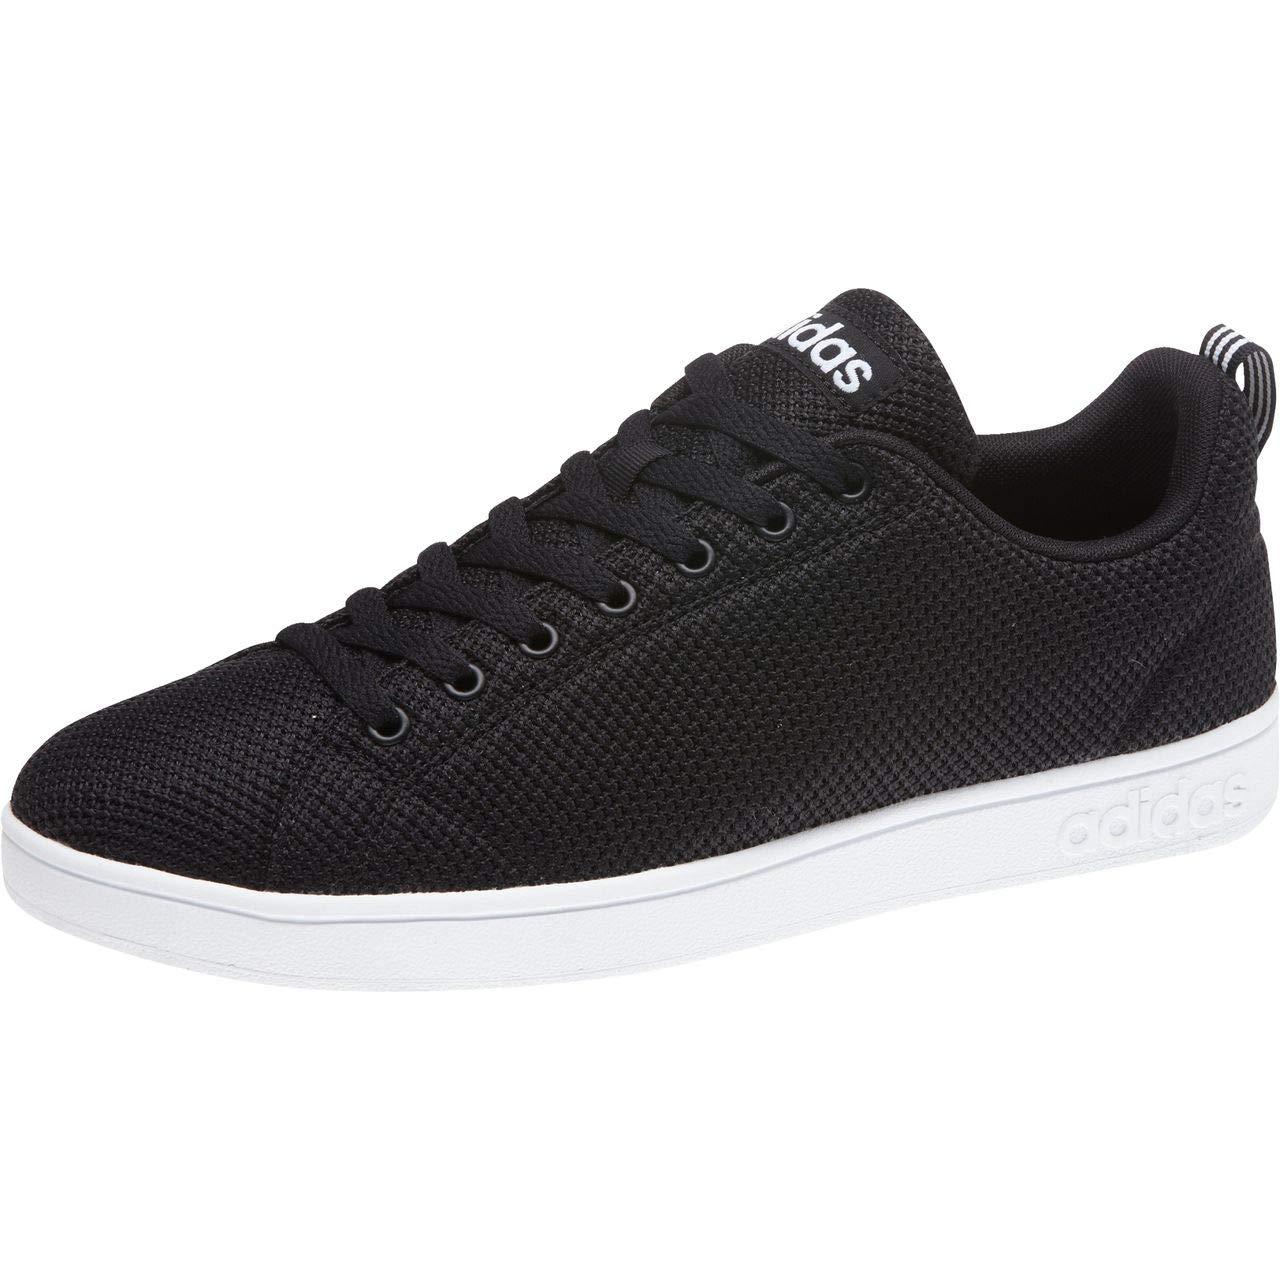 f159e90fd adidas Men s Vs Advantage Clean Tennis Shoes  Amazon.co.uk  Shoes   Bags